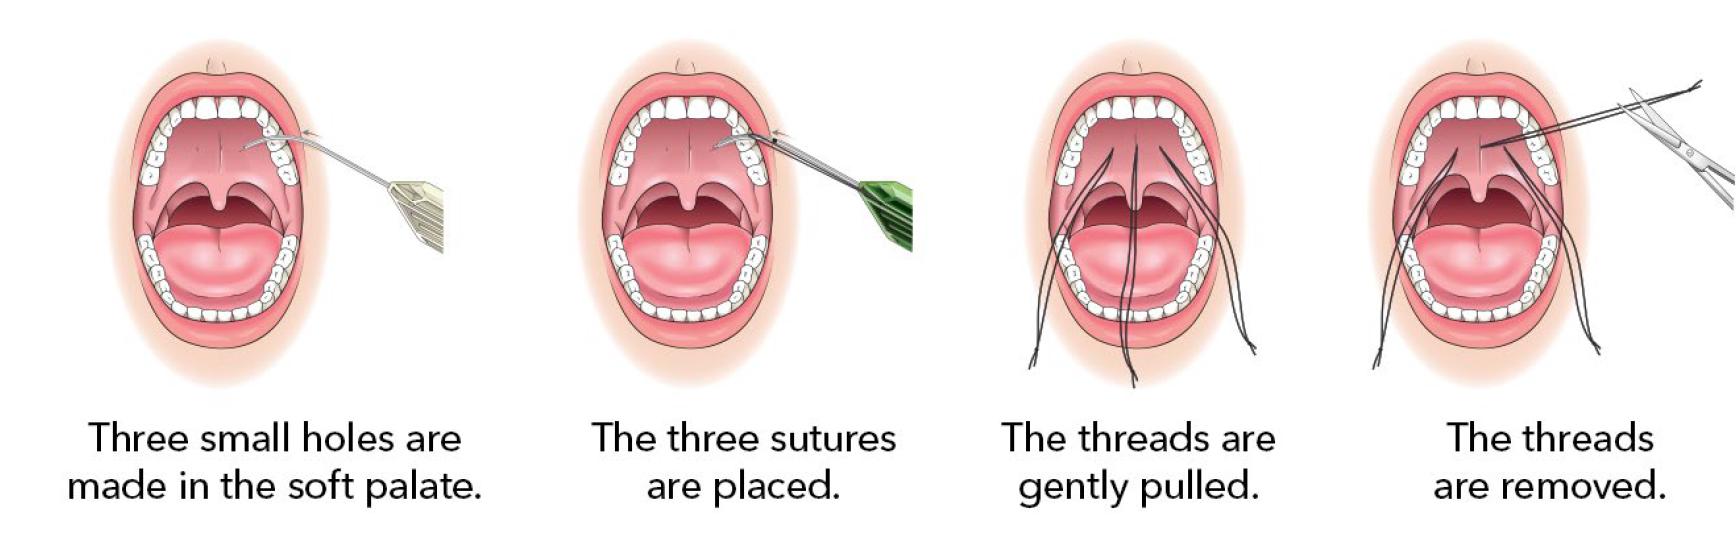 elevoplasty procedure steps